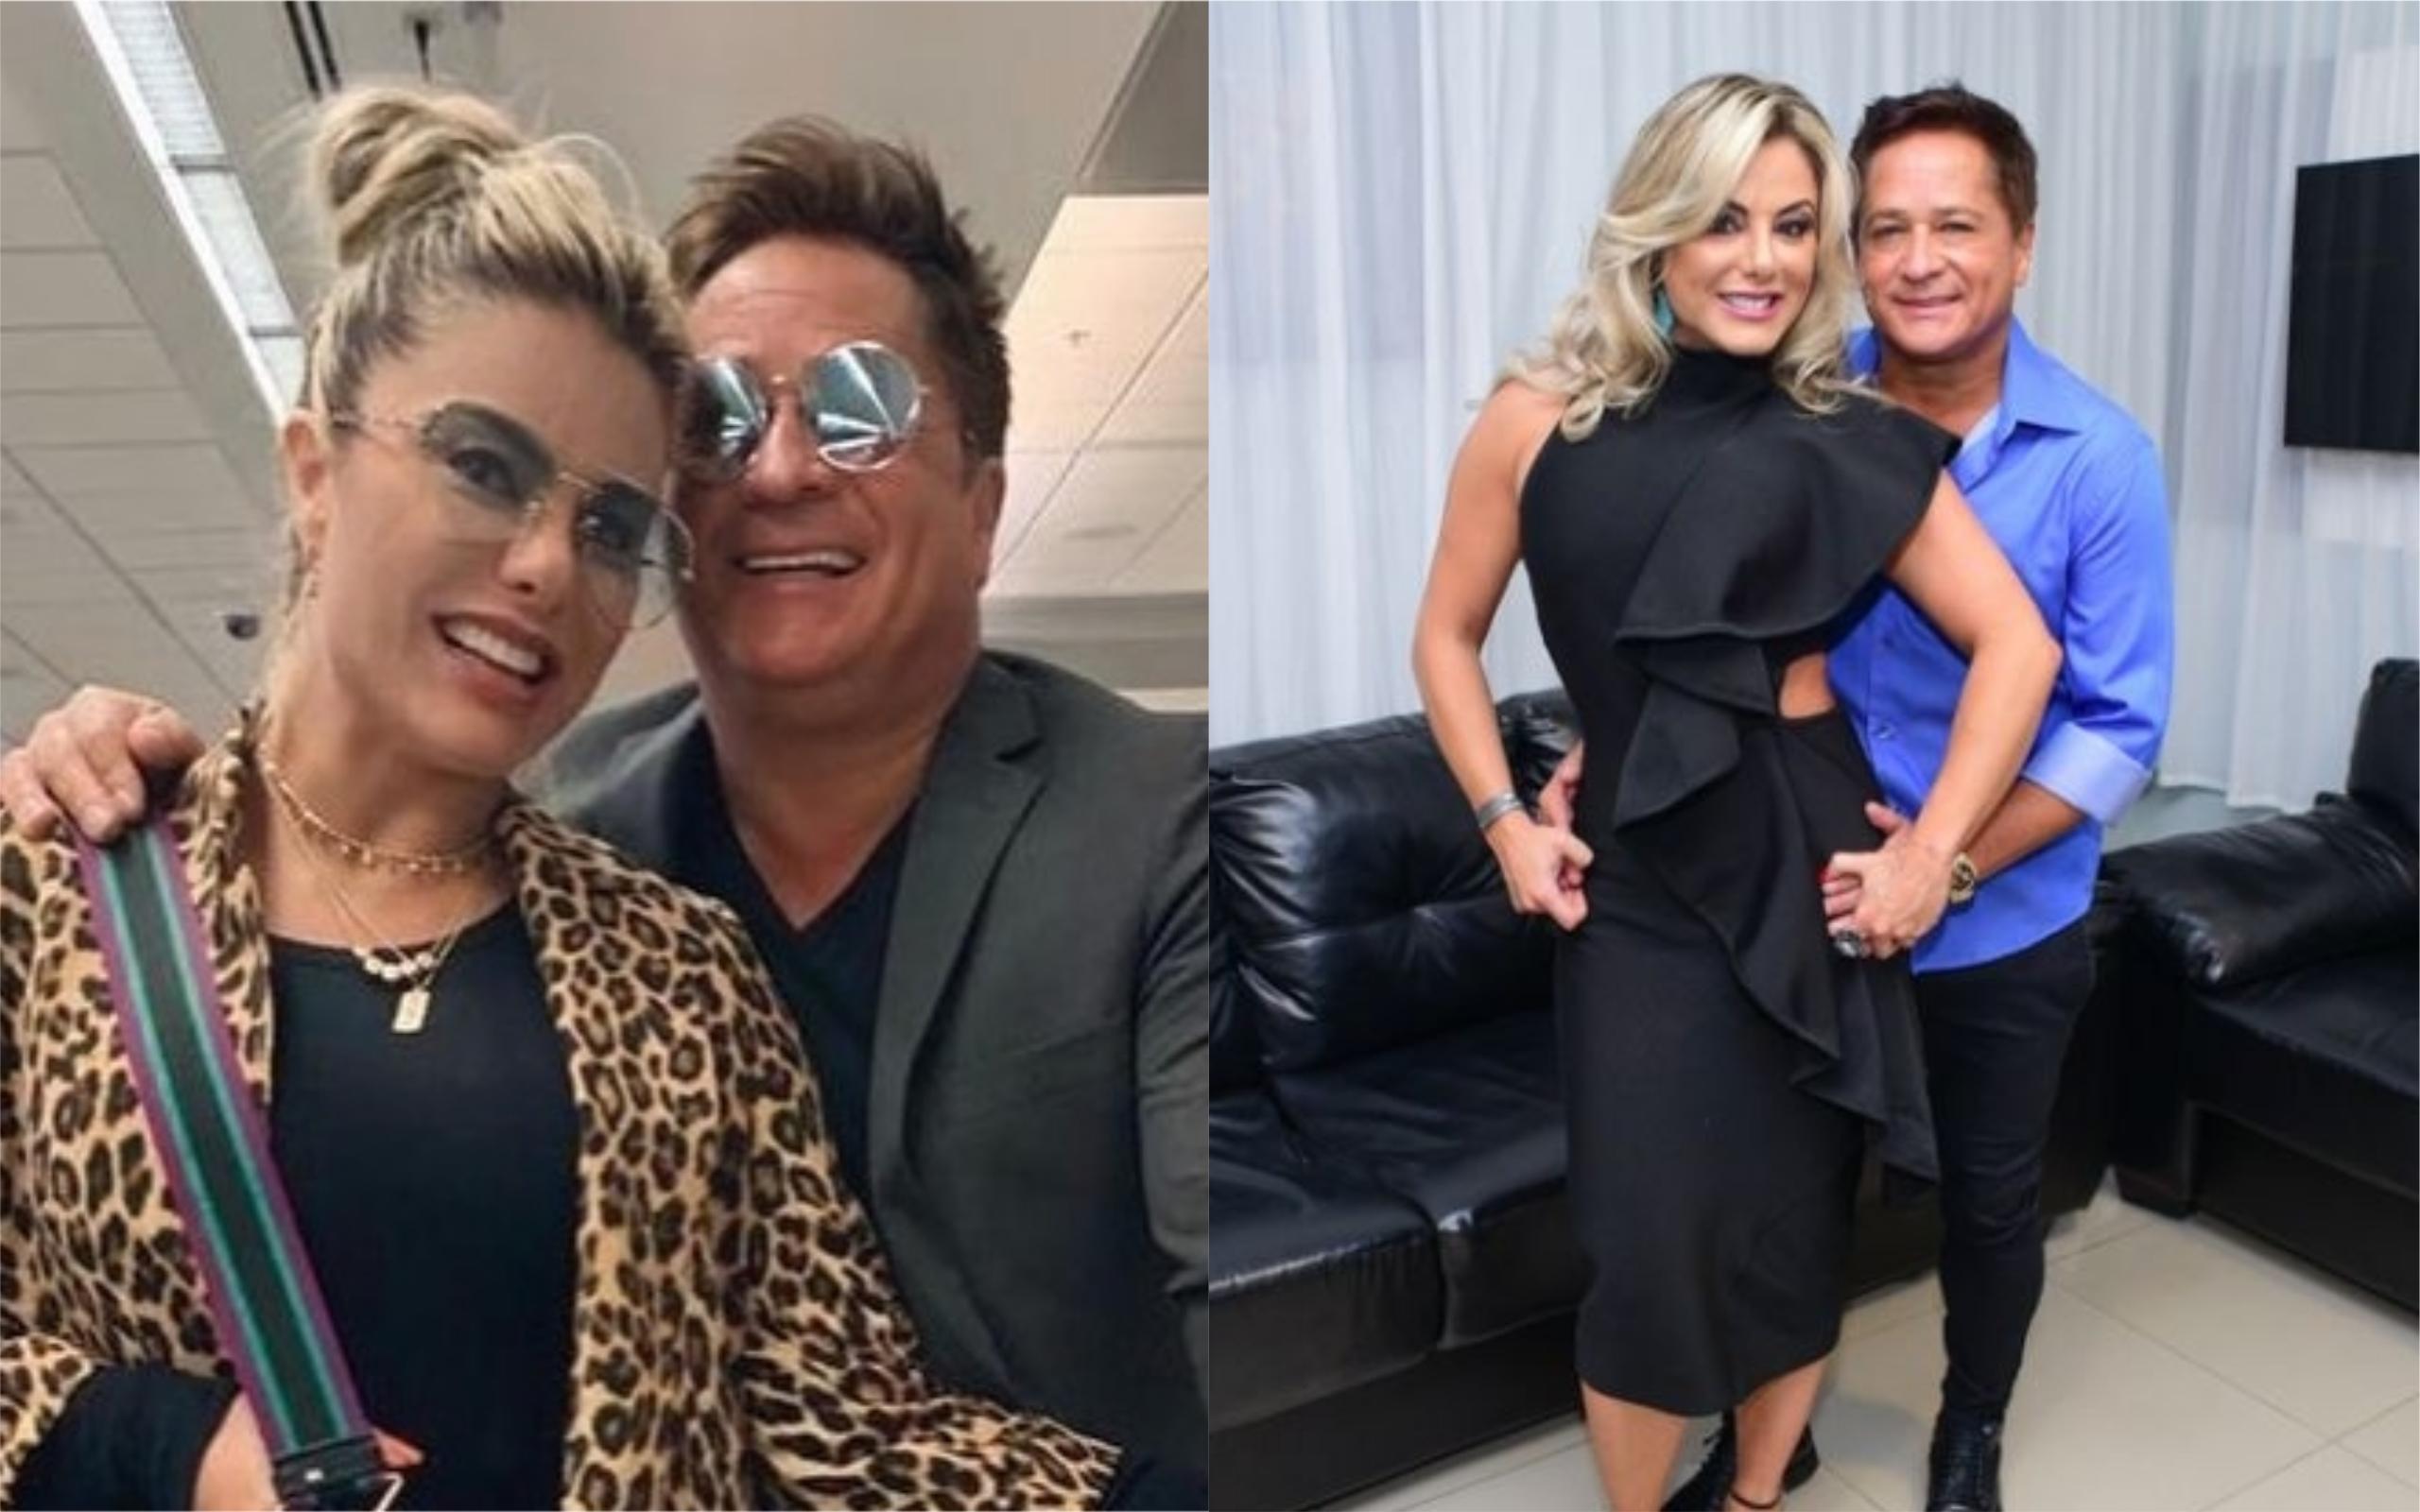 Poliana Rocha e Leonardo levam vida de luxo (Foto: Divulgação)